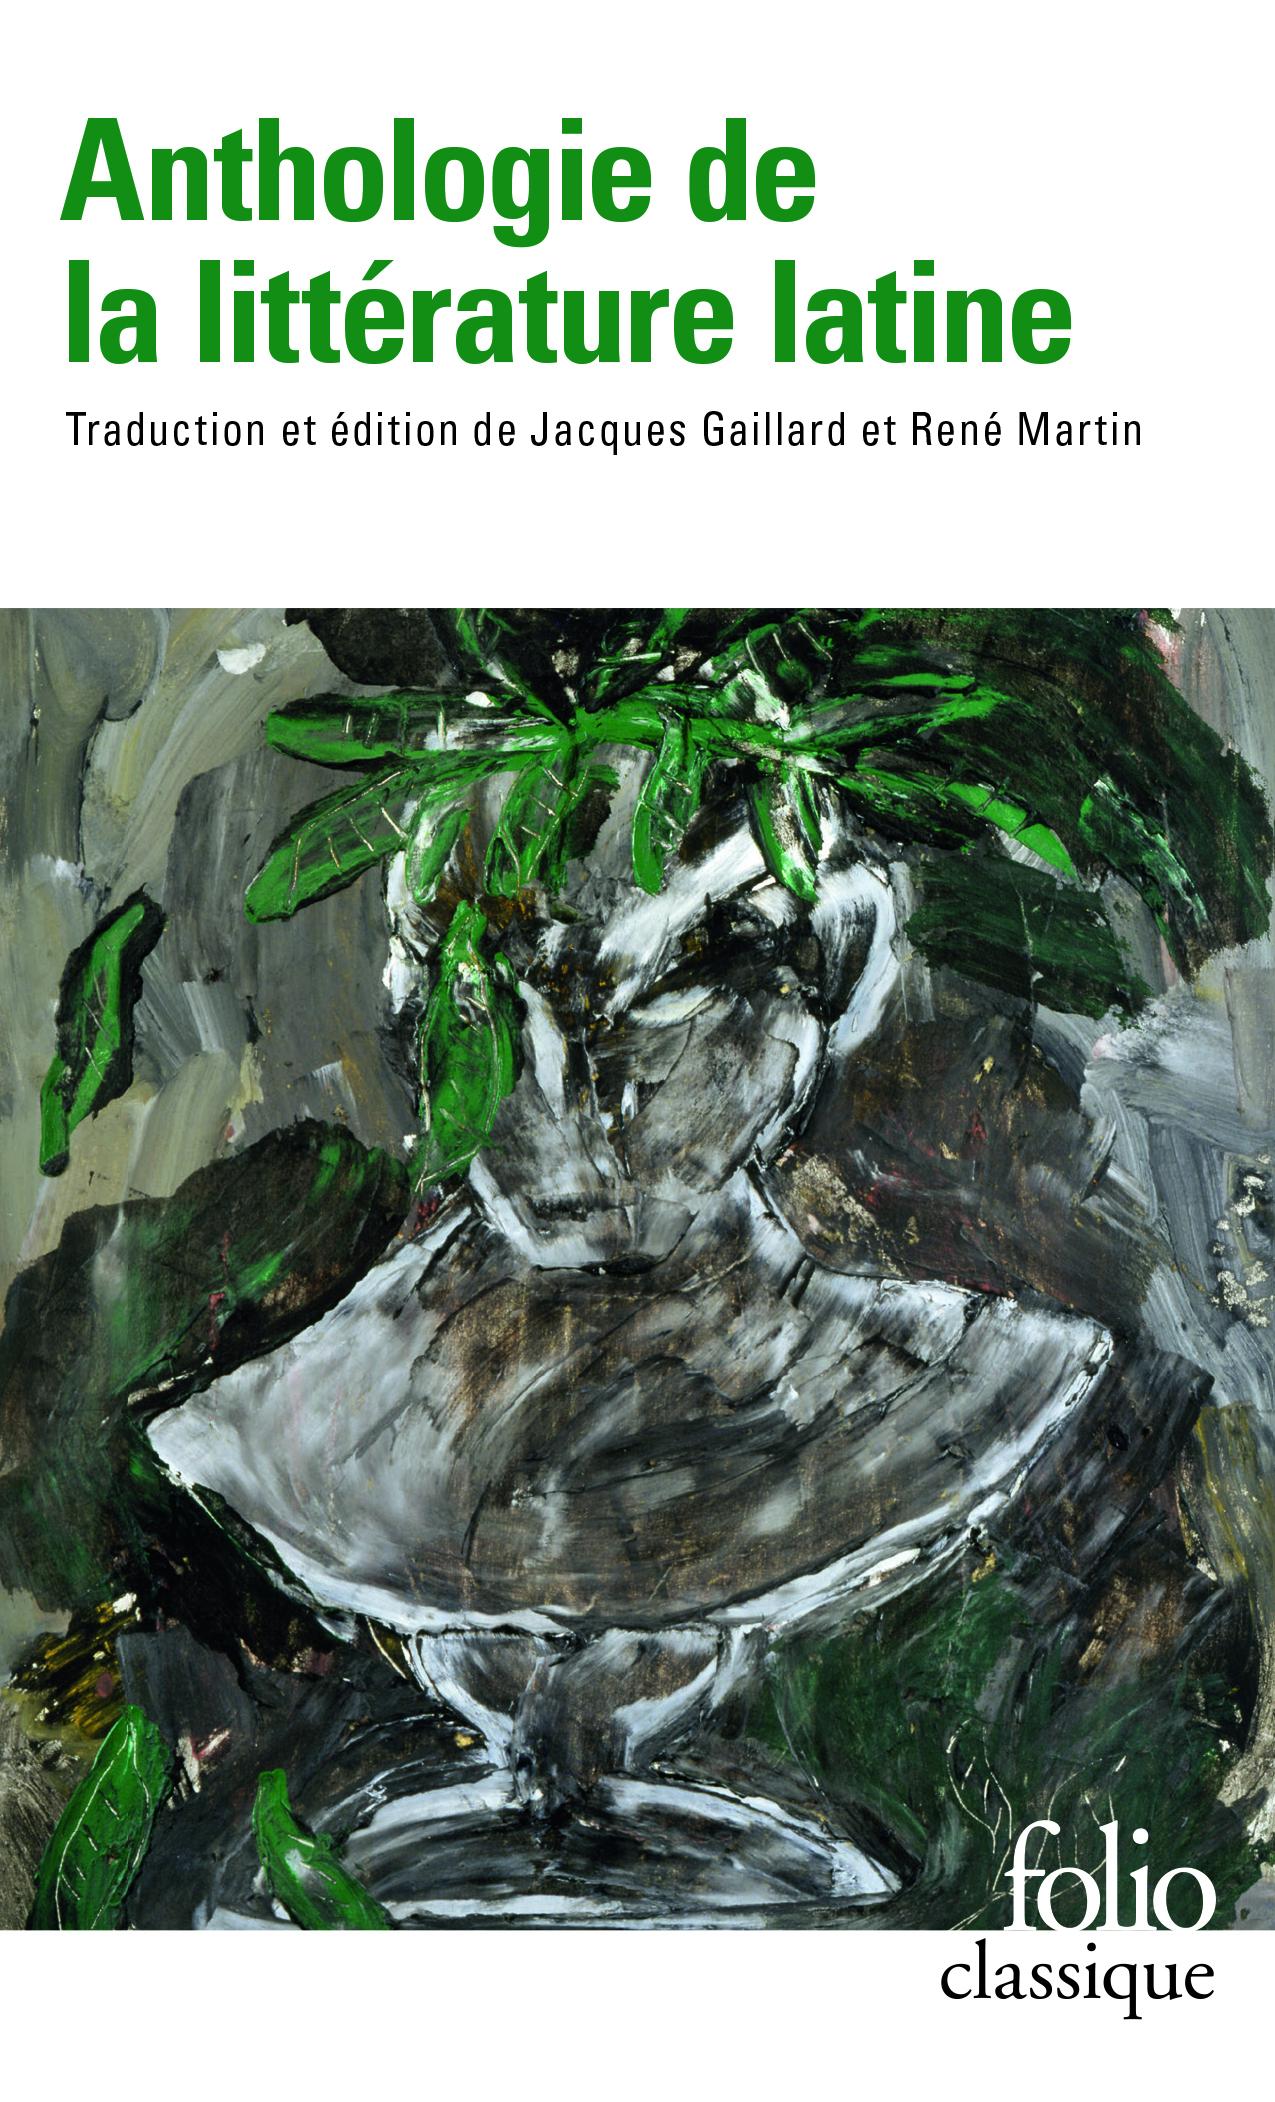 Anthologie de la littérature latine (rééd.)